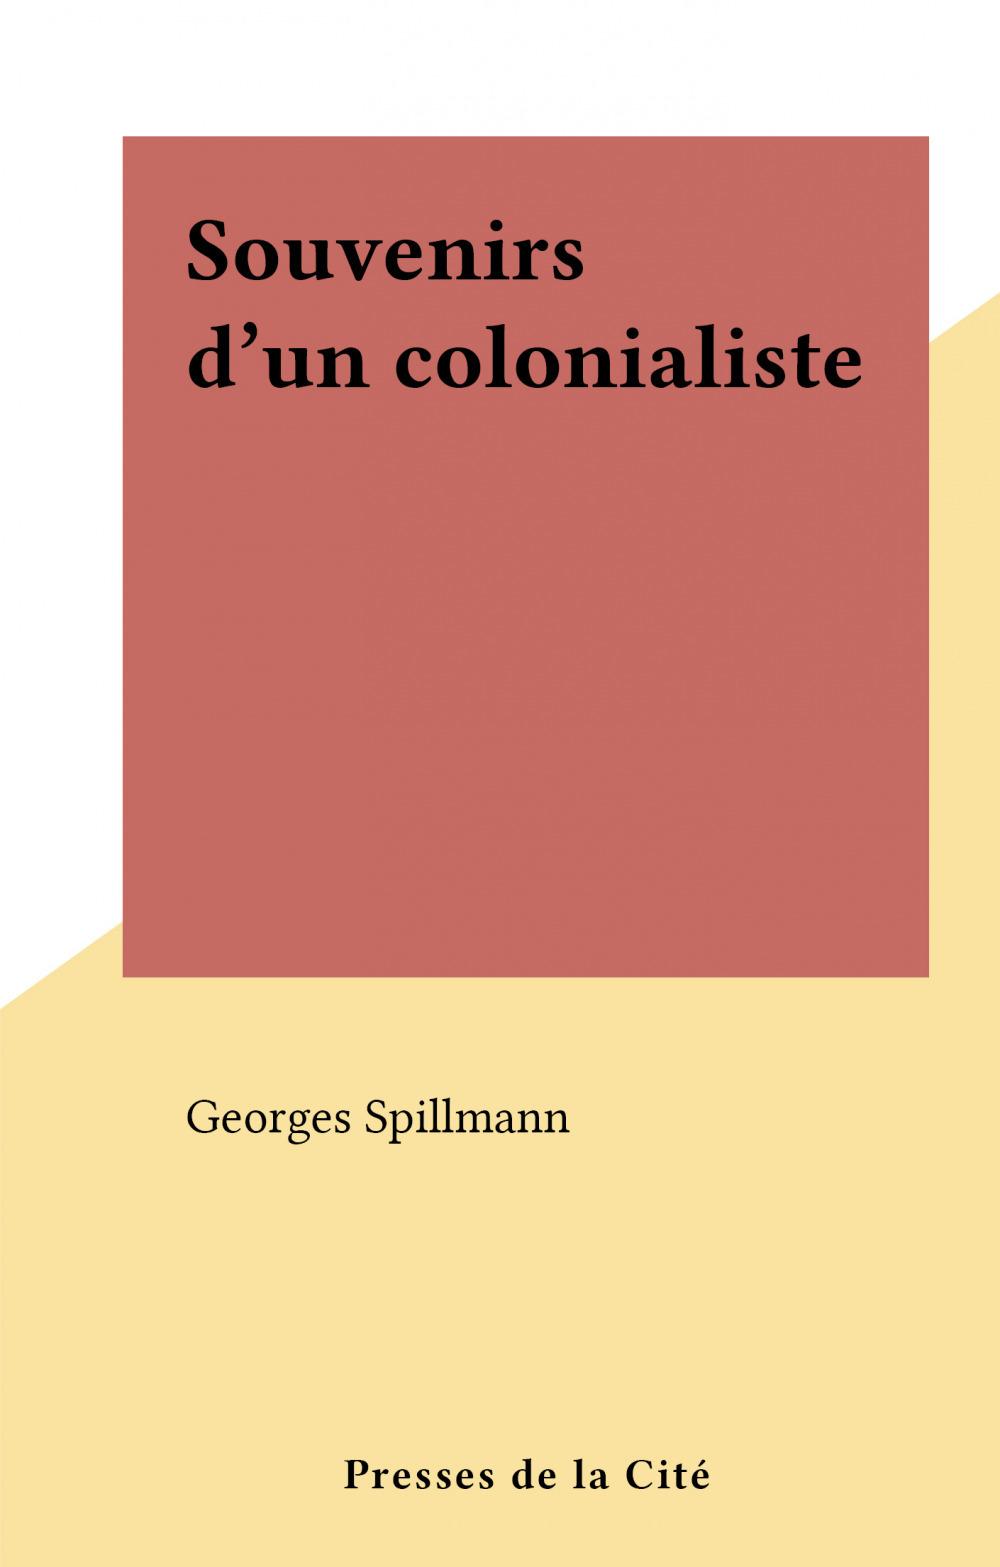 Souvenirs d'un colonialiste